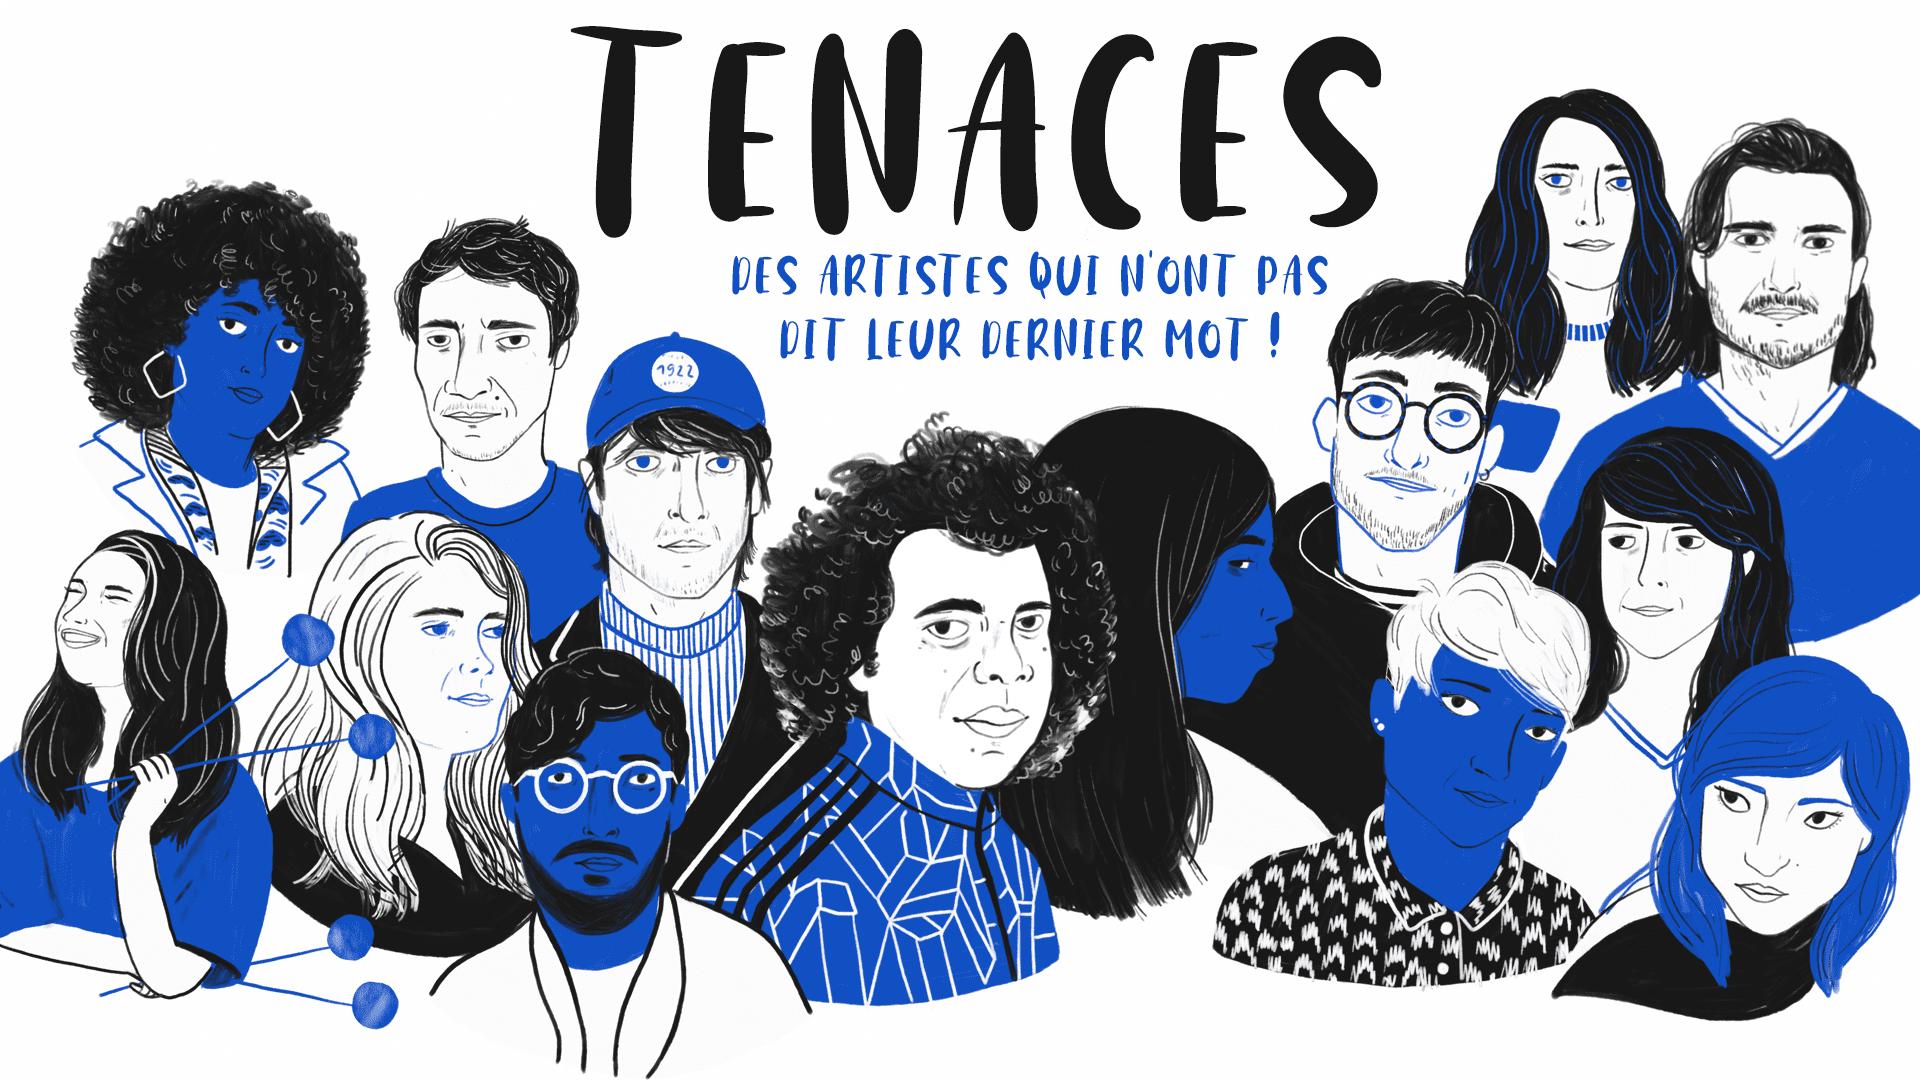 Illustration des artistes TENACES